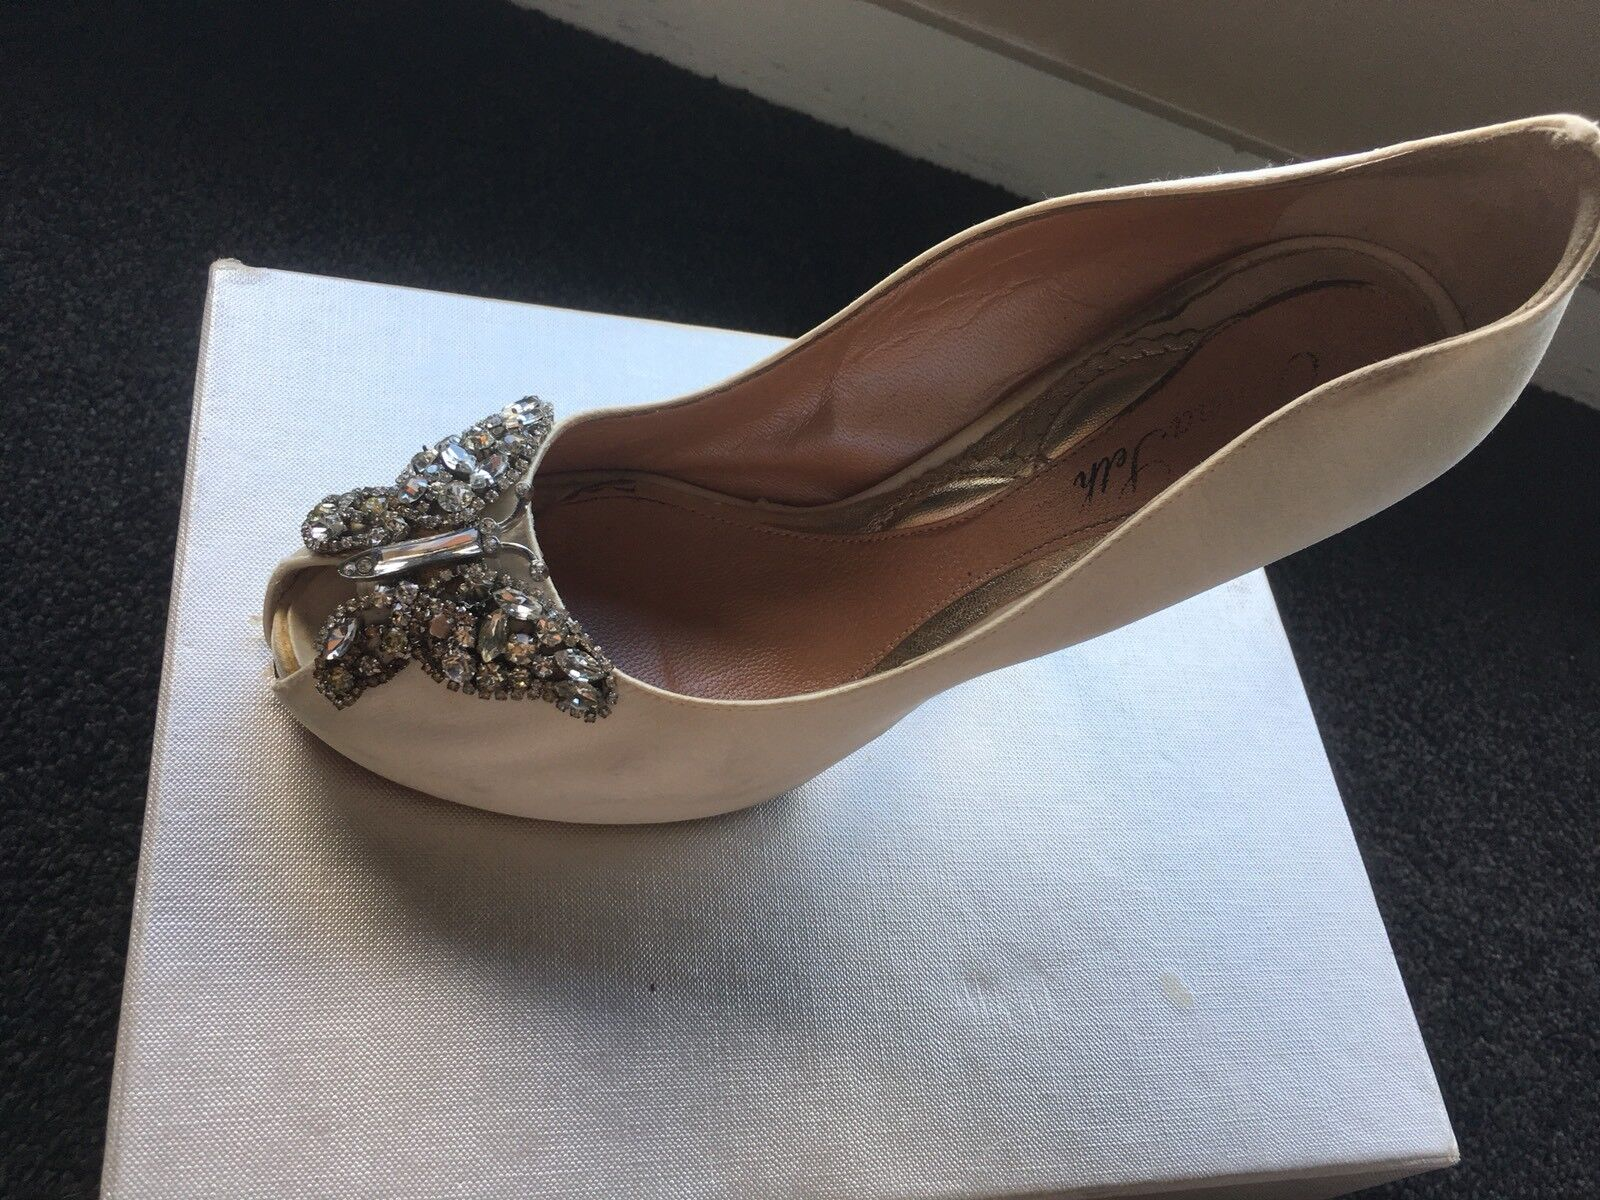 confortevole Beautiful Aruna Seth scarpe Dimensione 39 Made In In In   con il 100% di qualità e il 100% di servizio